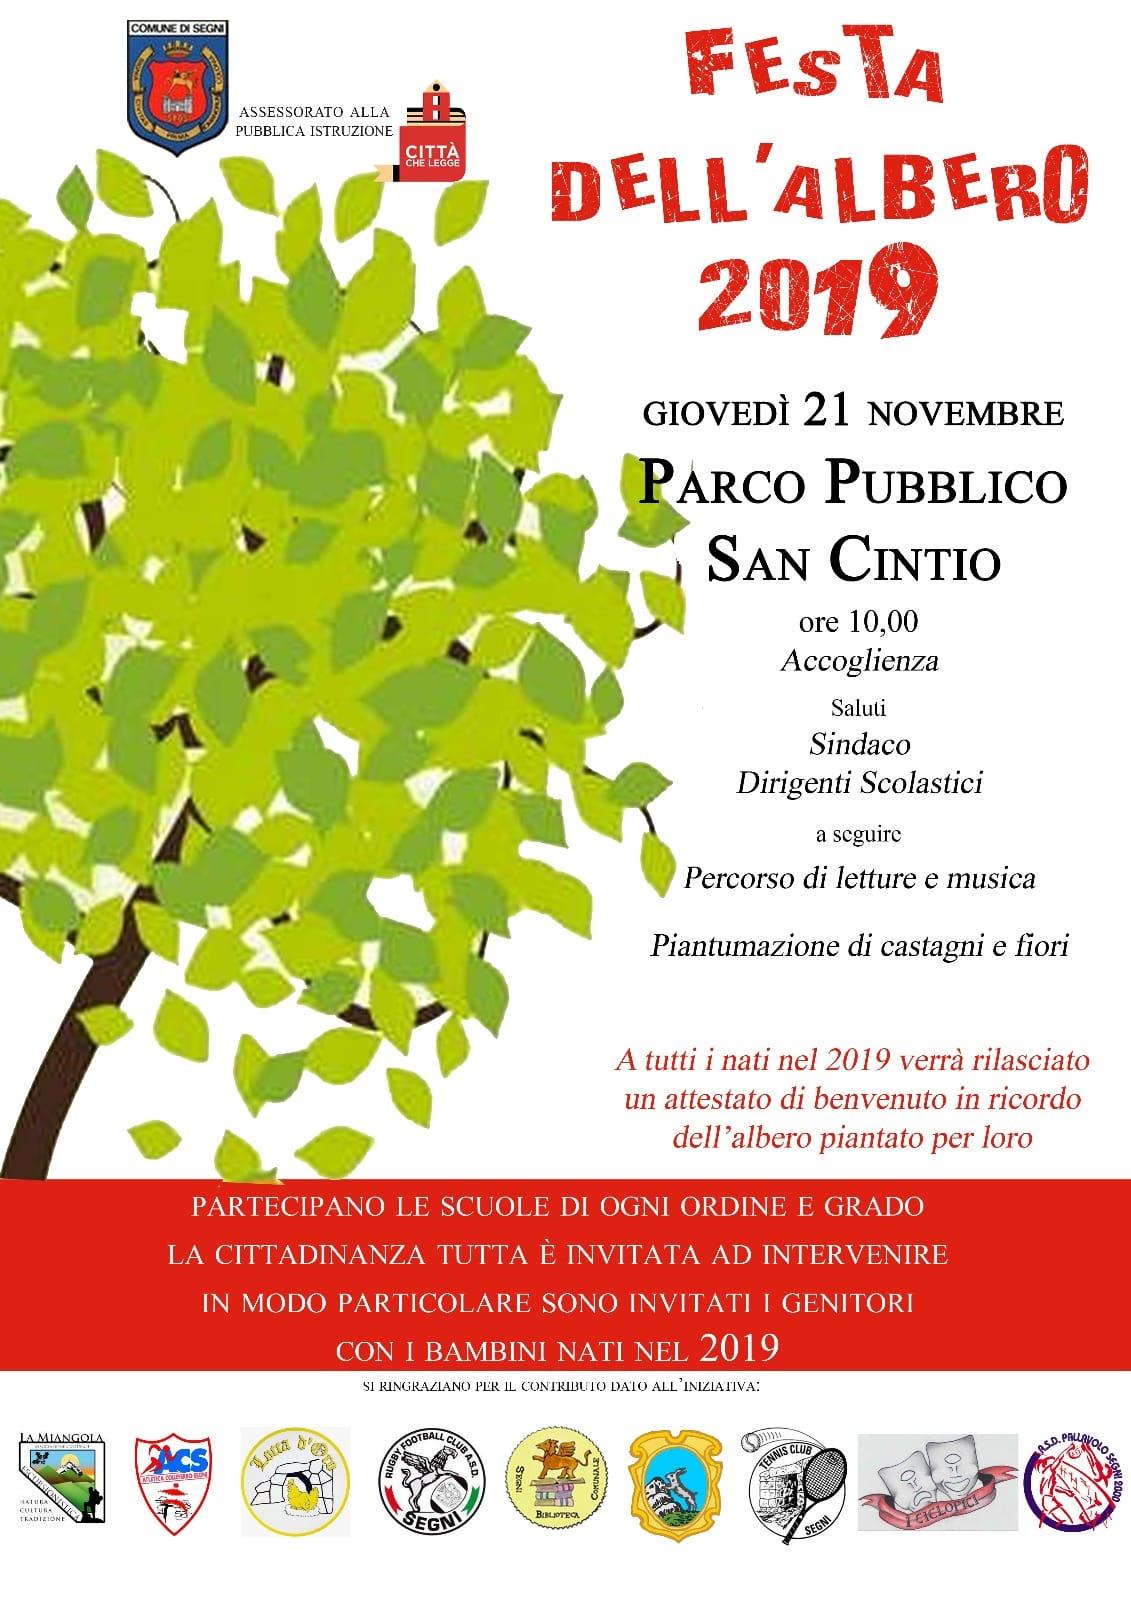 Segni: Festa dell'albero 2019 @ Parco pubblico   Lazio   Italia